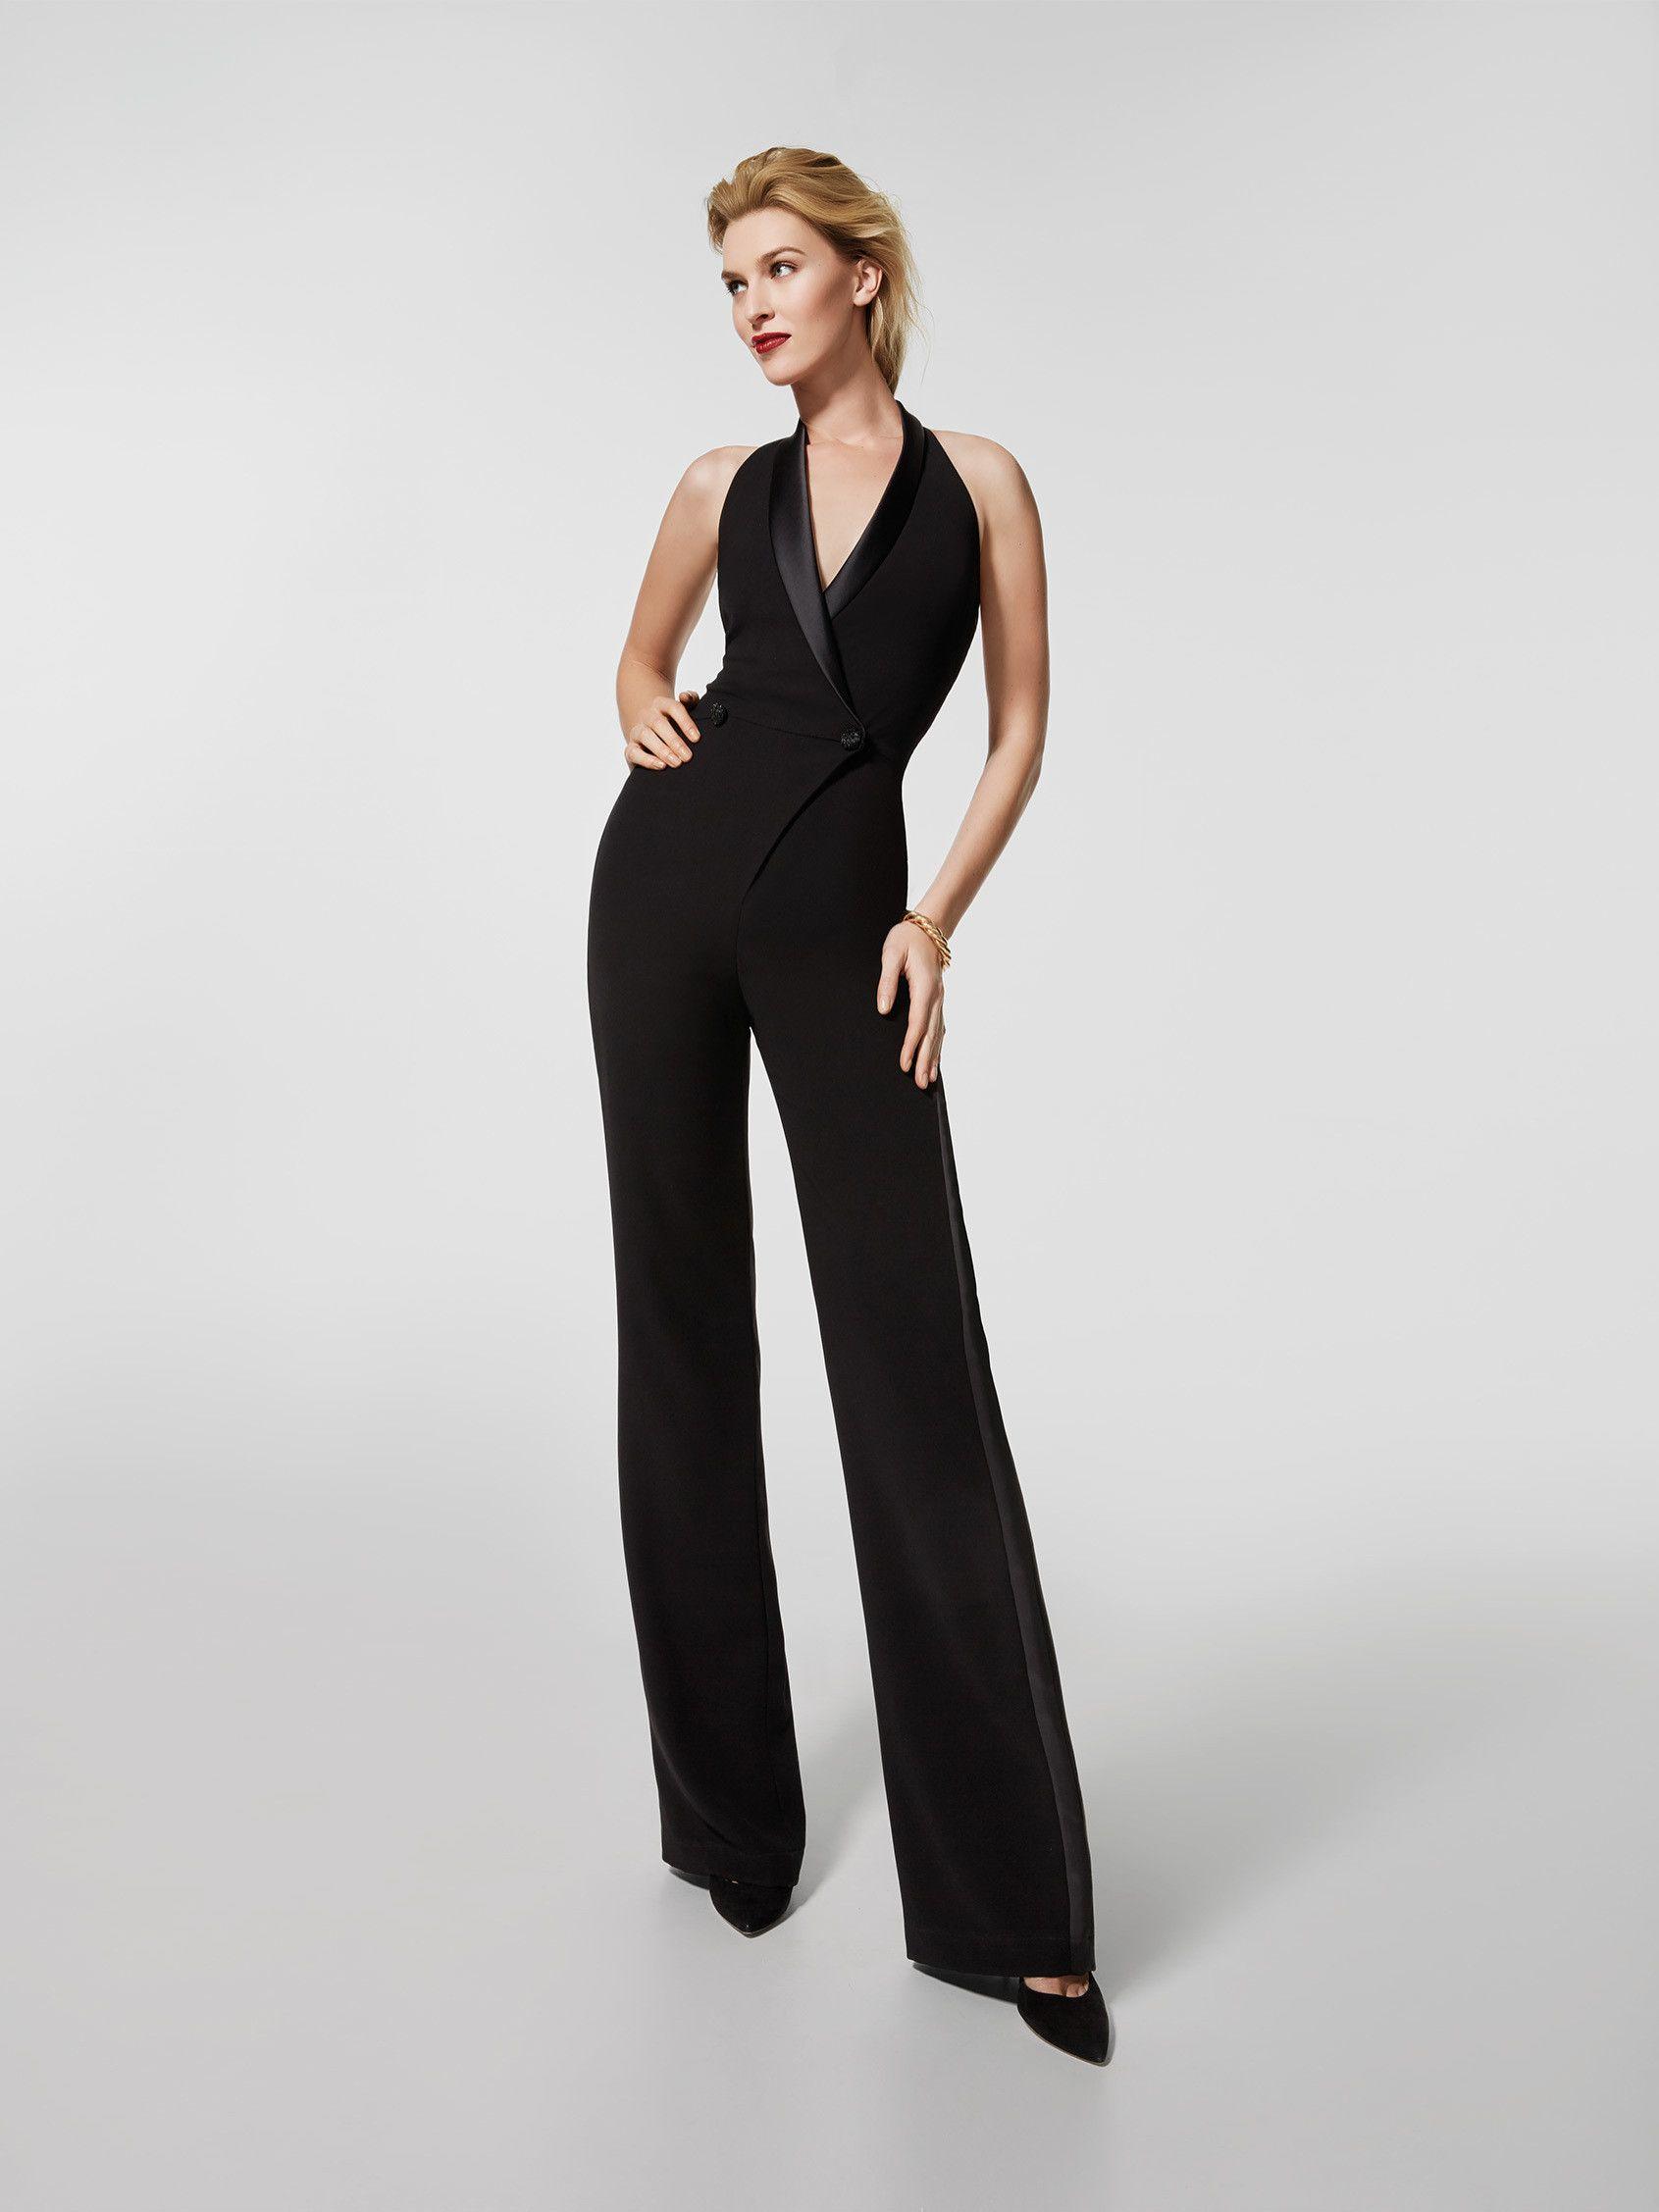 Populaire Vous recherchez une robe de soirée ? Voici une combinaison noire  HA24